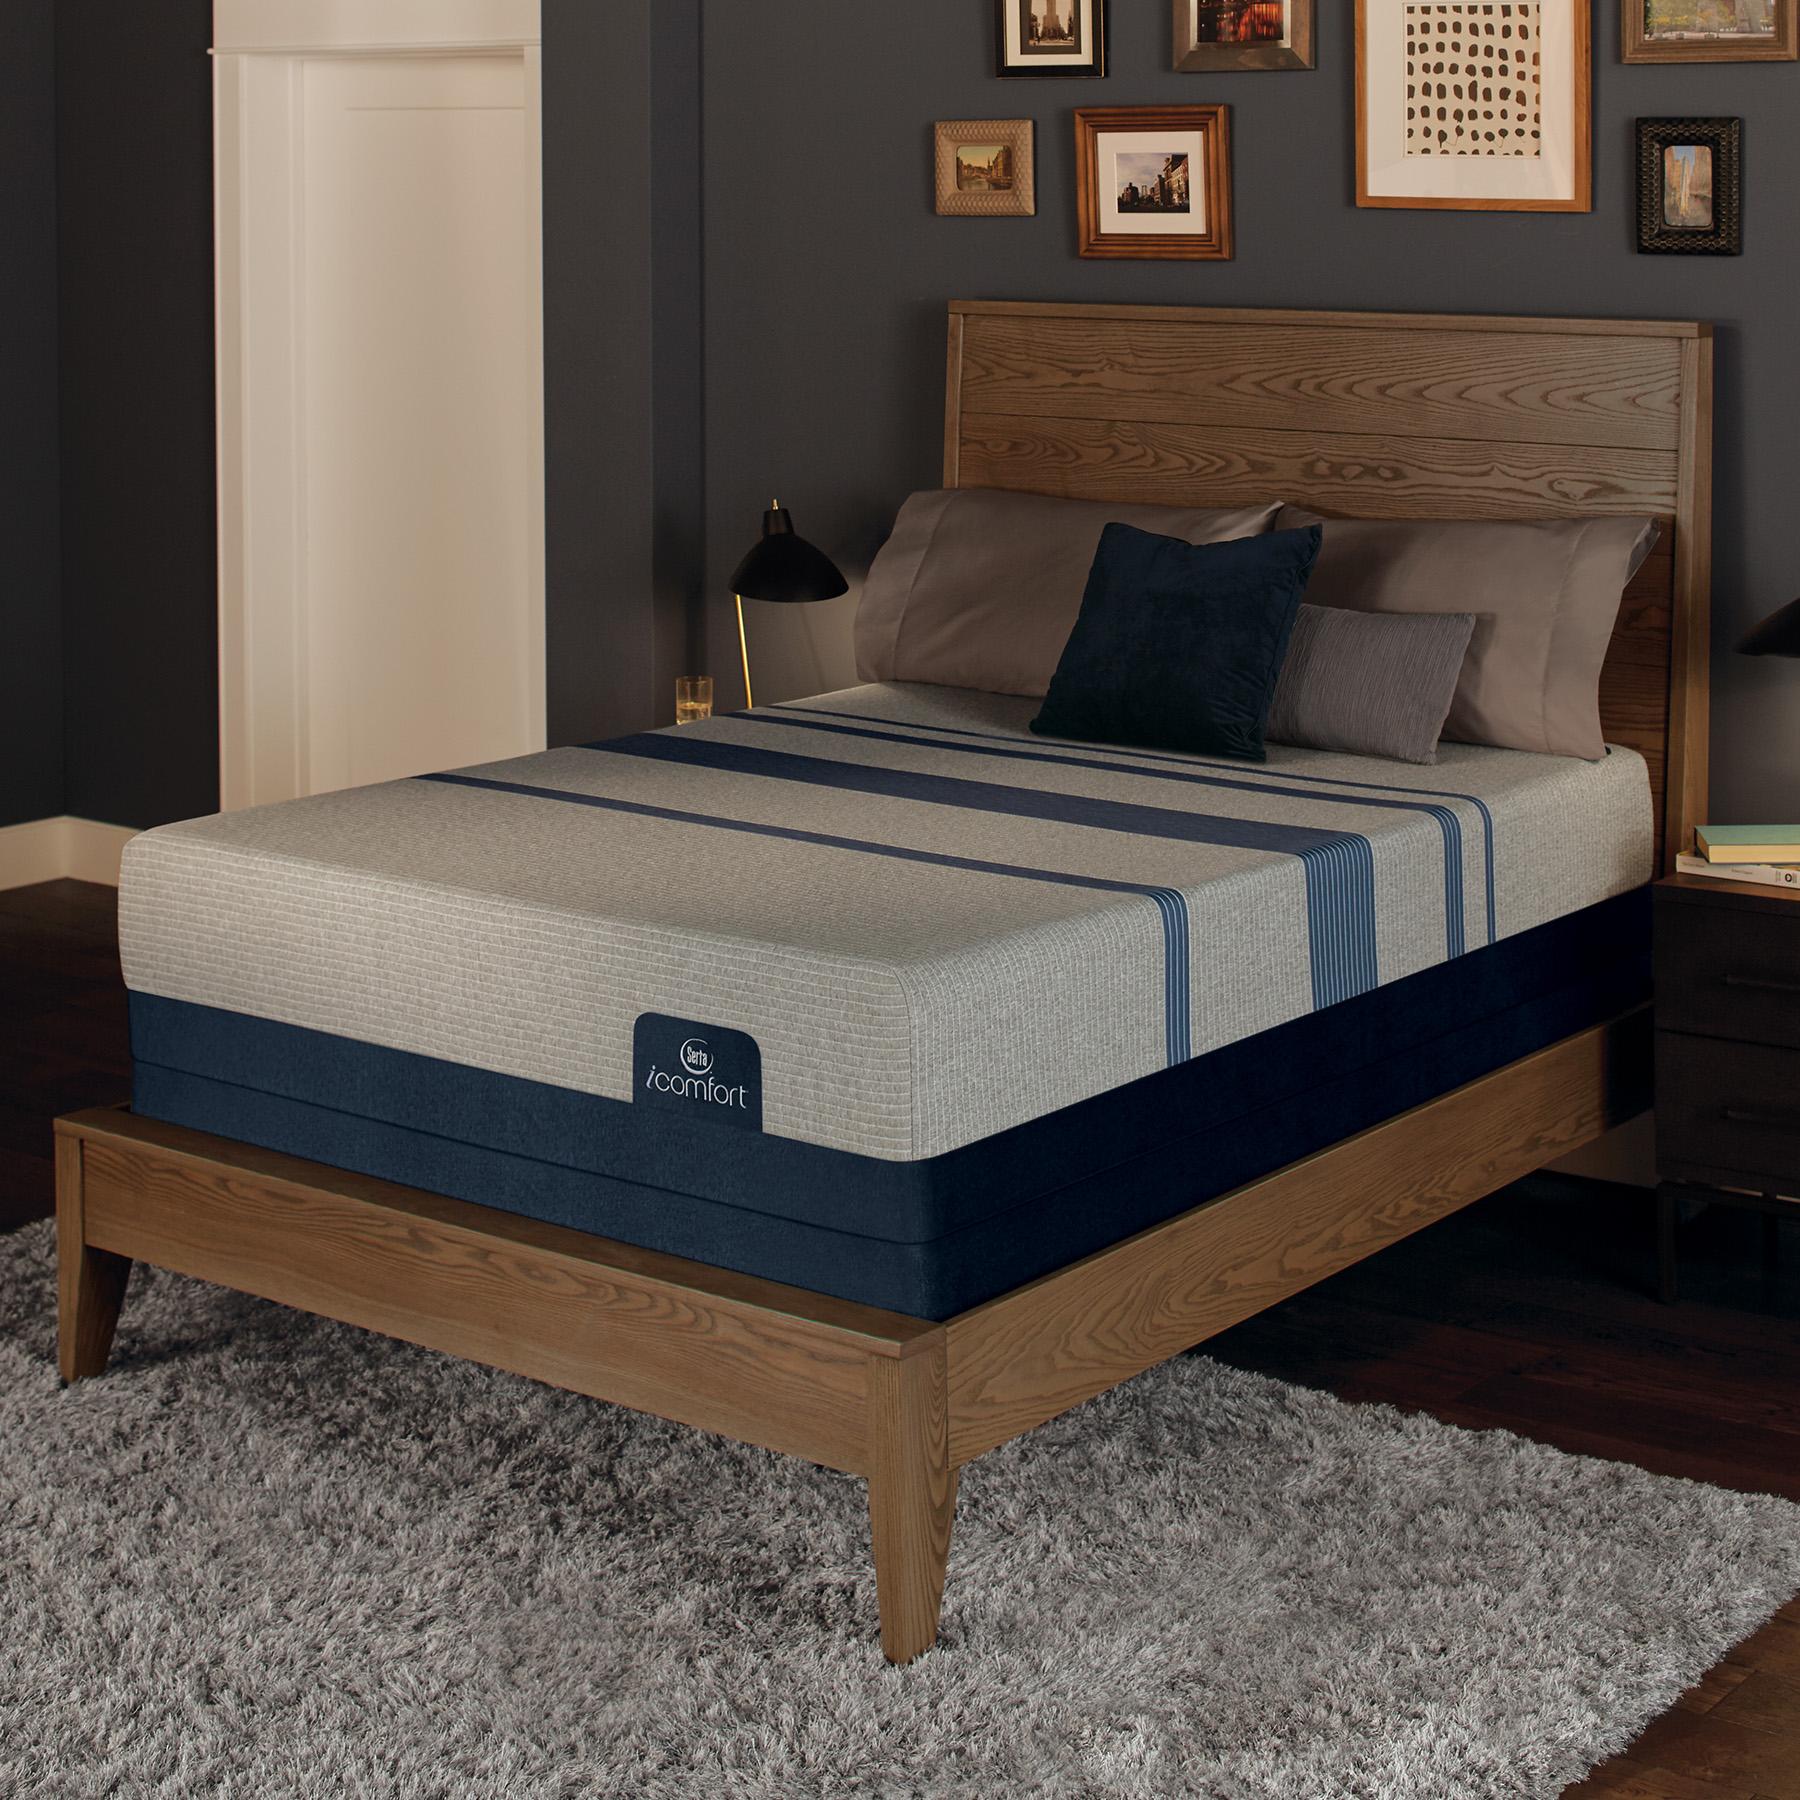 Serta Icomfort Blue Max 1000 Plush King Mattress